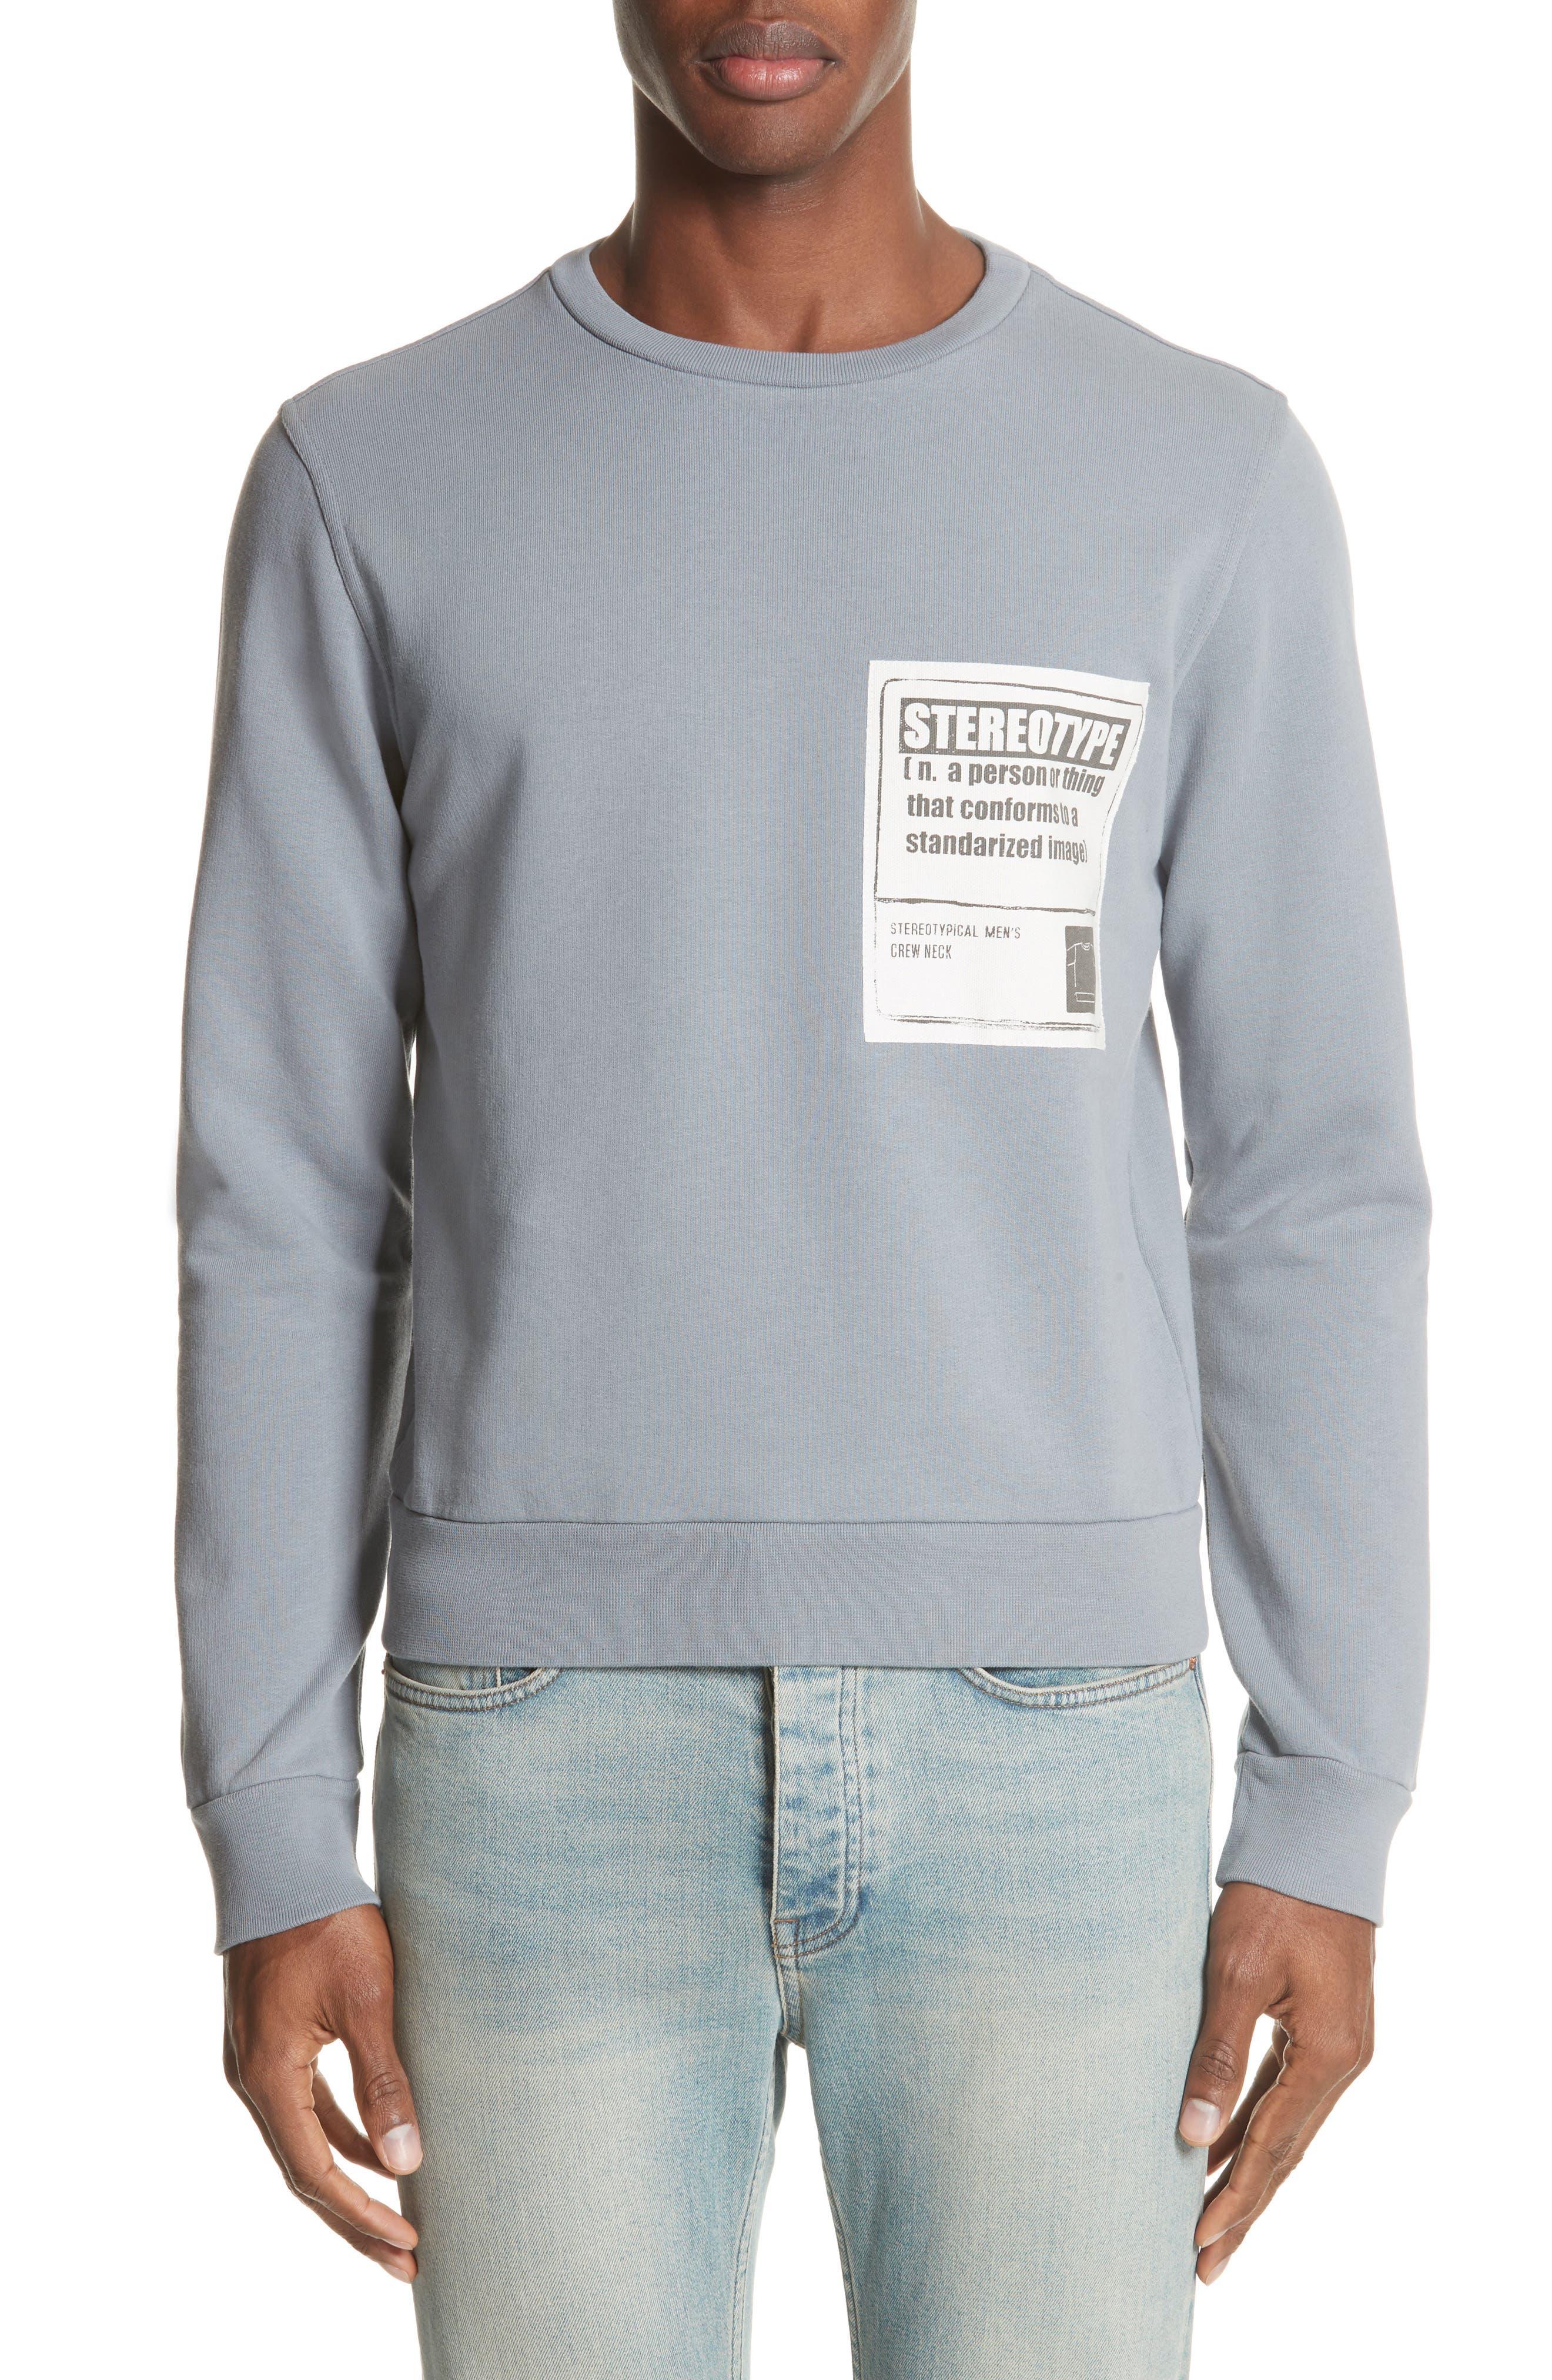 Main Image - Maison Margiela Stereotype Graphic T-Shirt